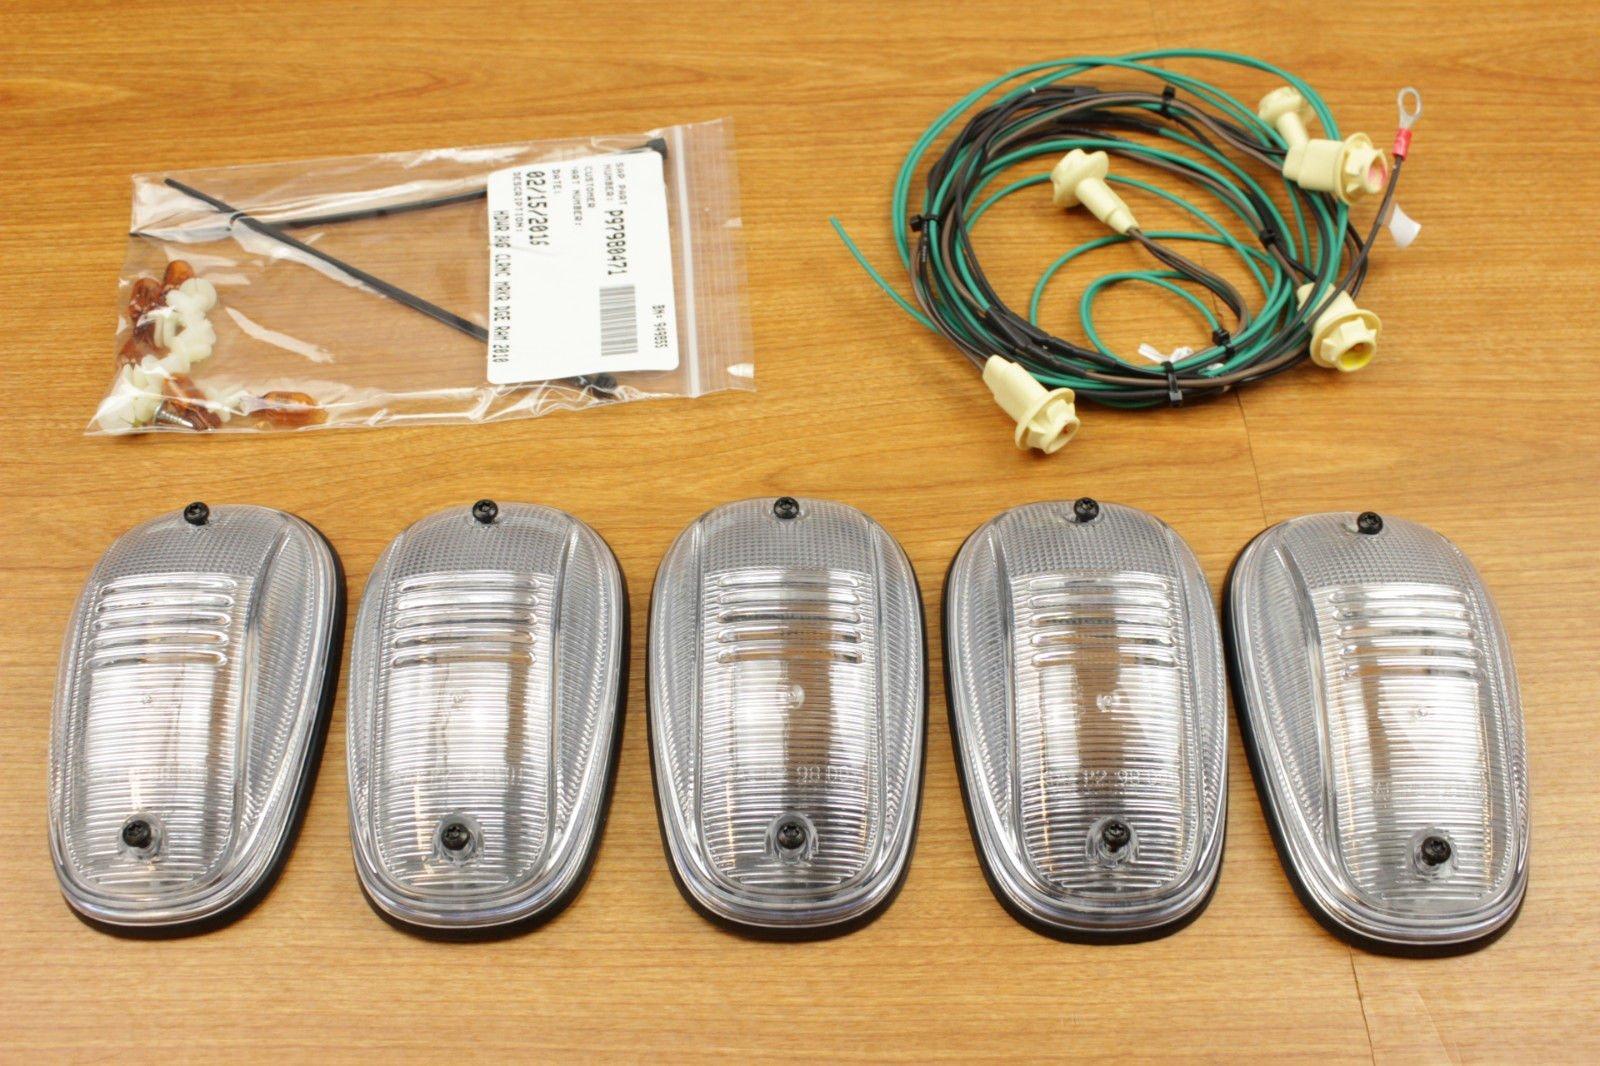 Amazon.com: Dodge Ram 1500 2500 3500 Roof Cab Clearance Lamps Light Kit  Mopar OEM: Automotive